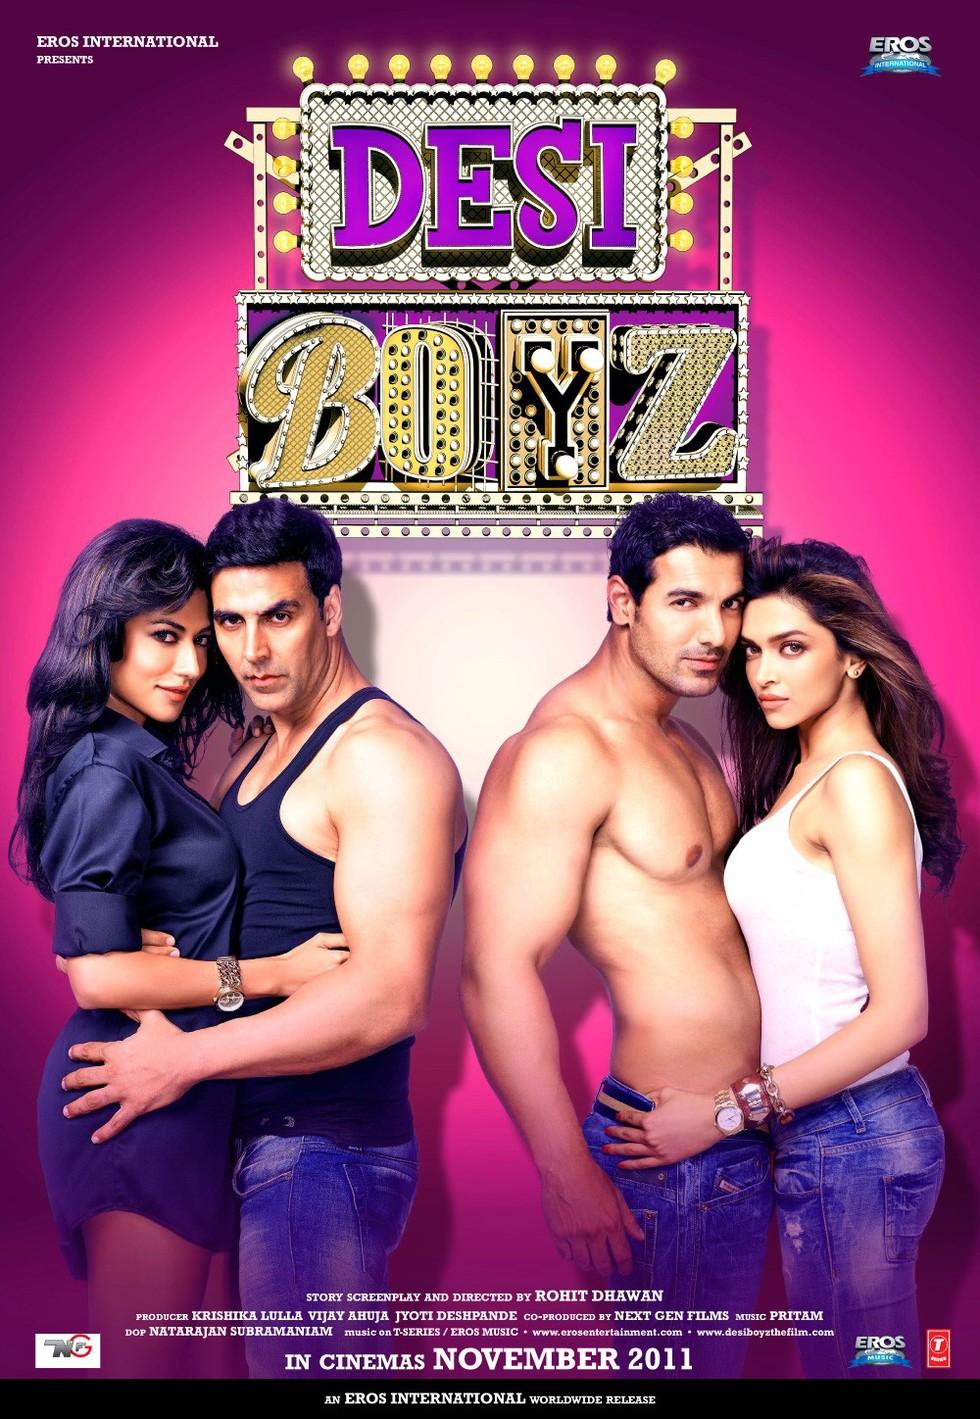 Desi Boyz - Movie Poster #1 (Large)